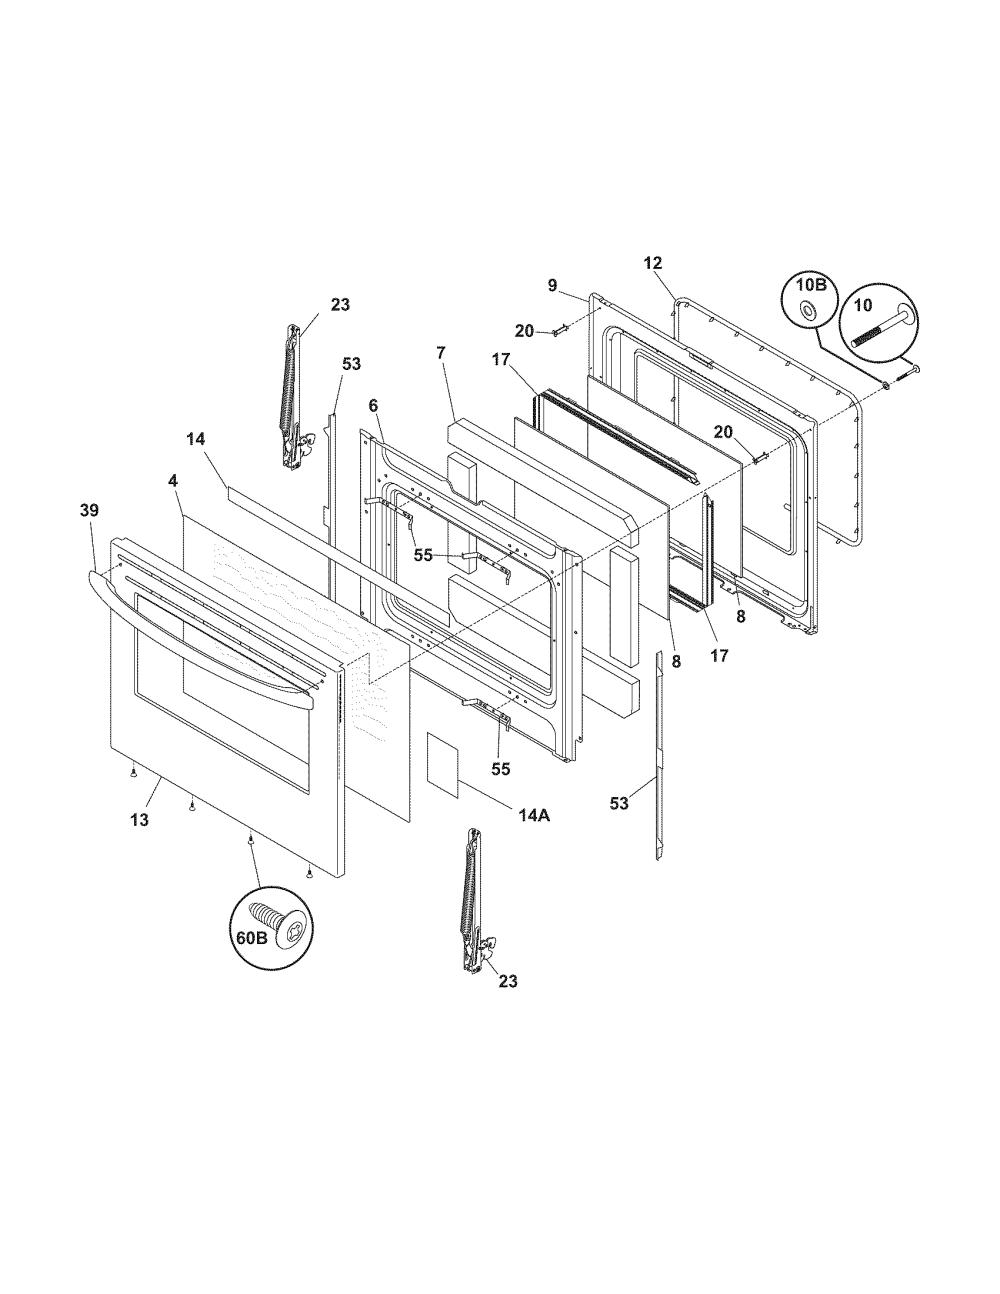 medium resolution of oven door schematic wiring diagram sortlooking for frigidaire model fefl67dcg electric range repair oven door schematic